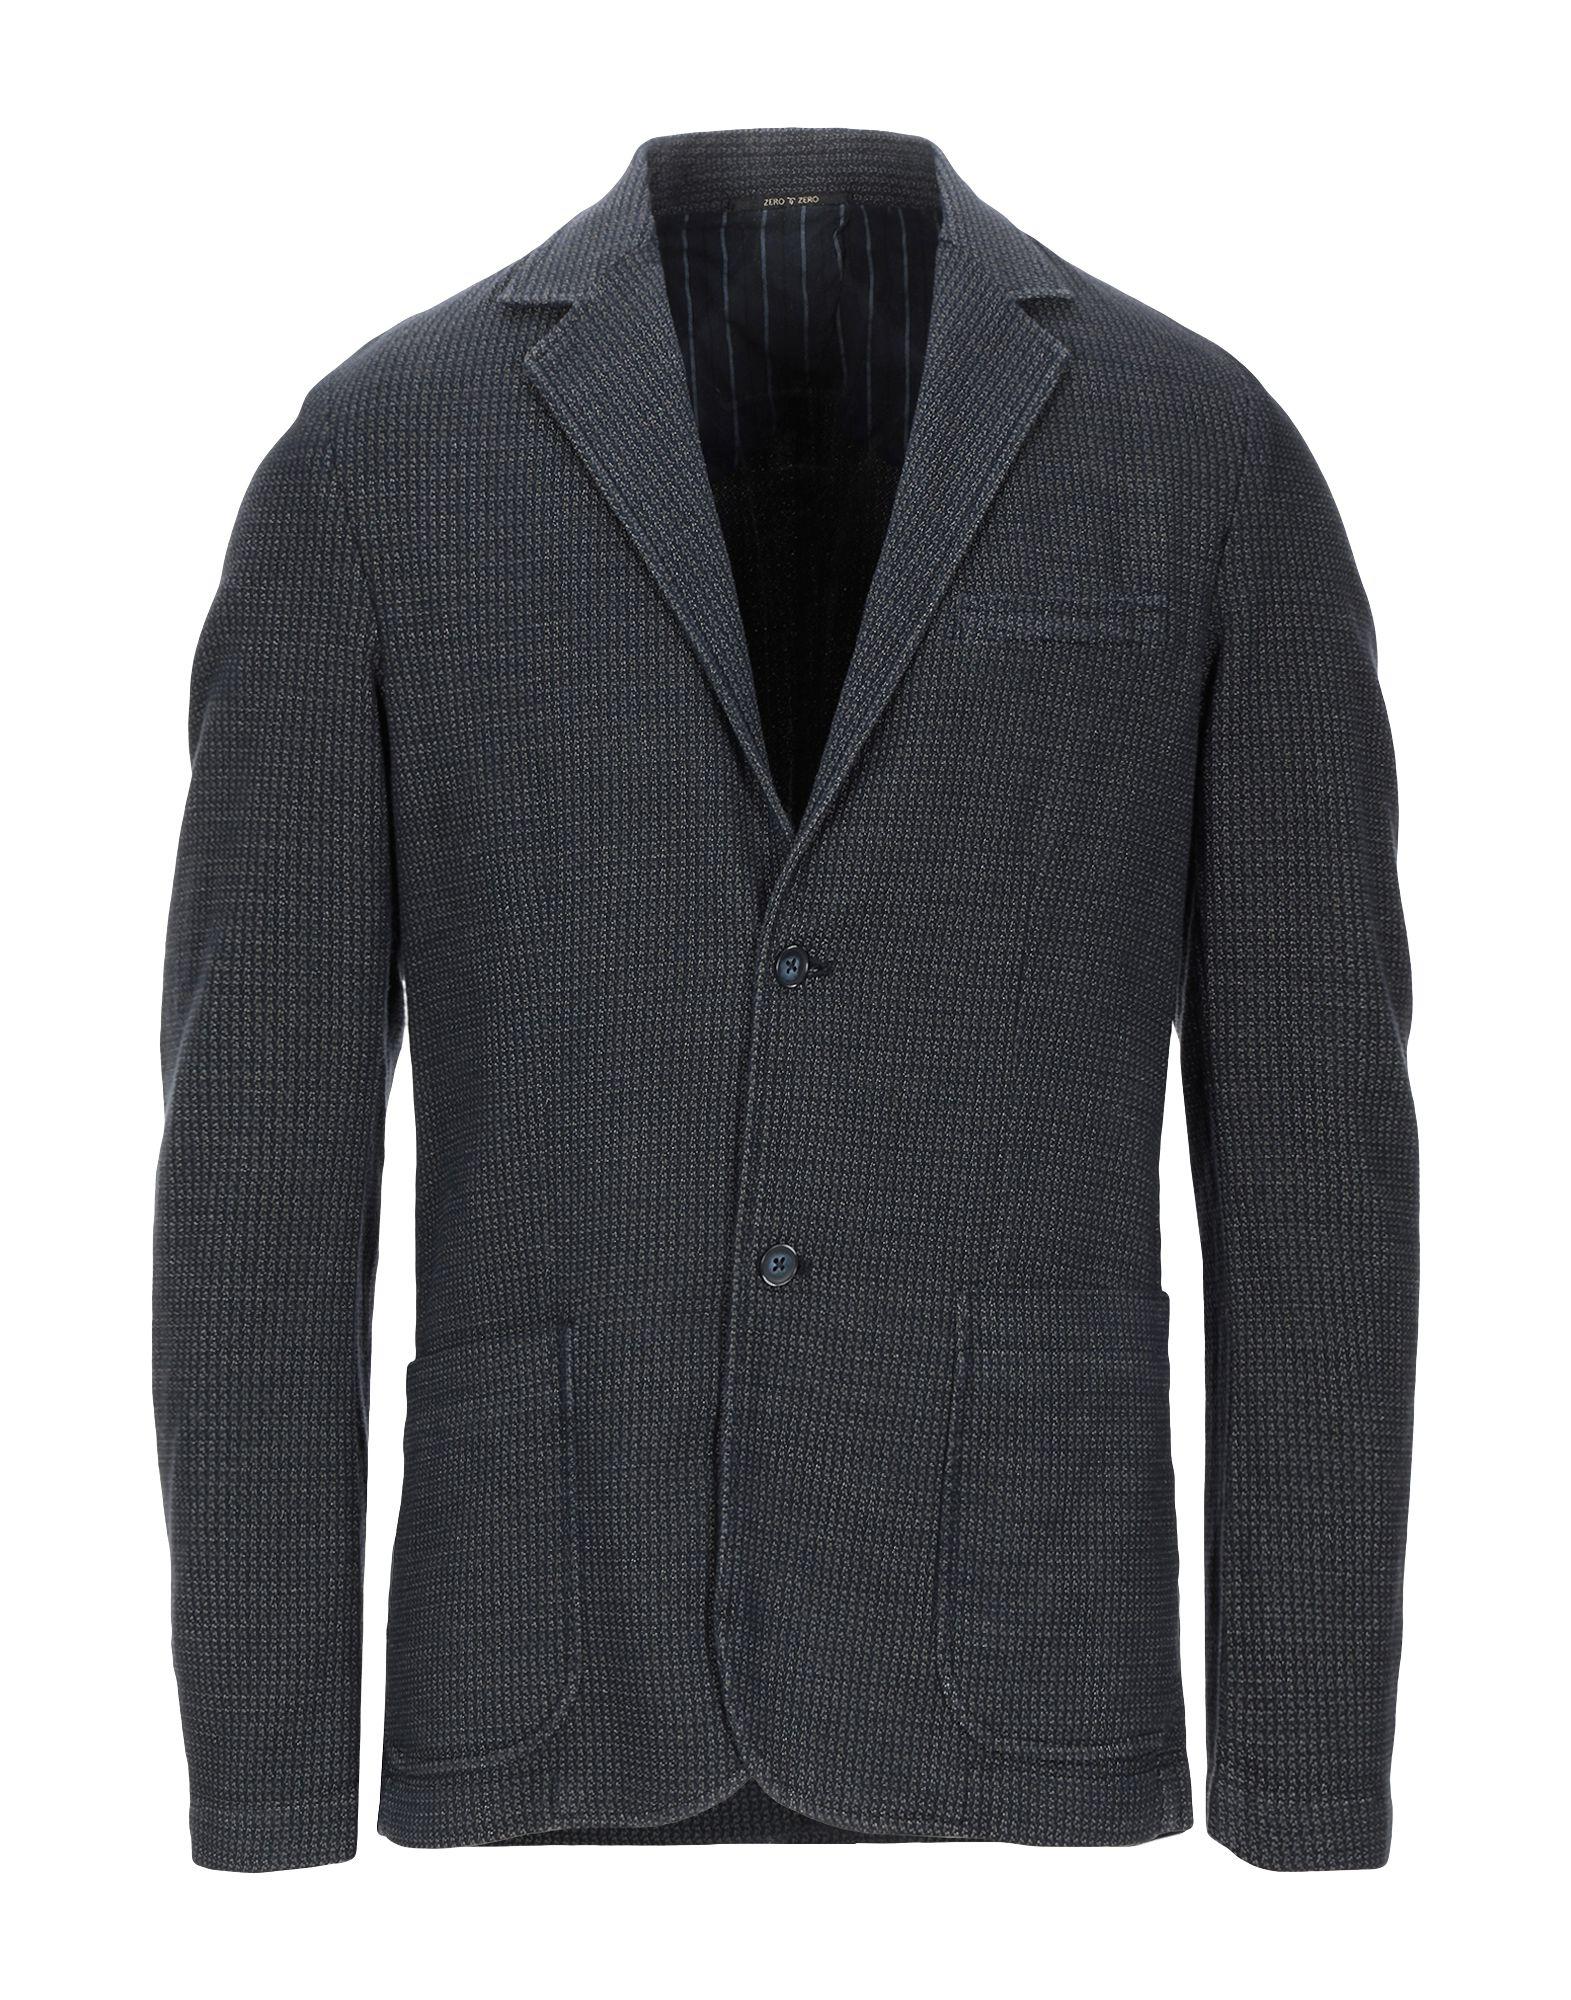 0/ZERO CONSTRUCTION Пиджак пиджак zero пиджак